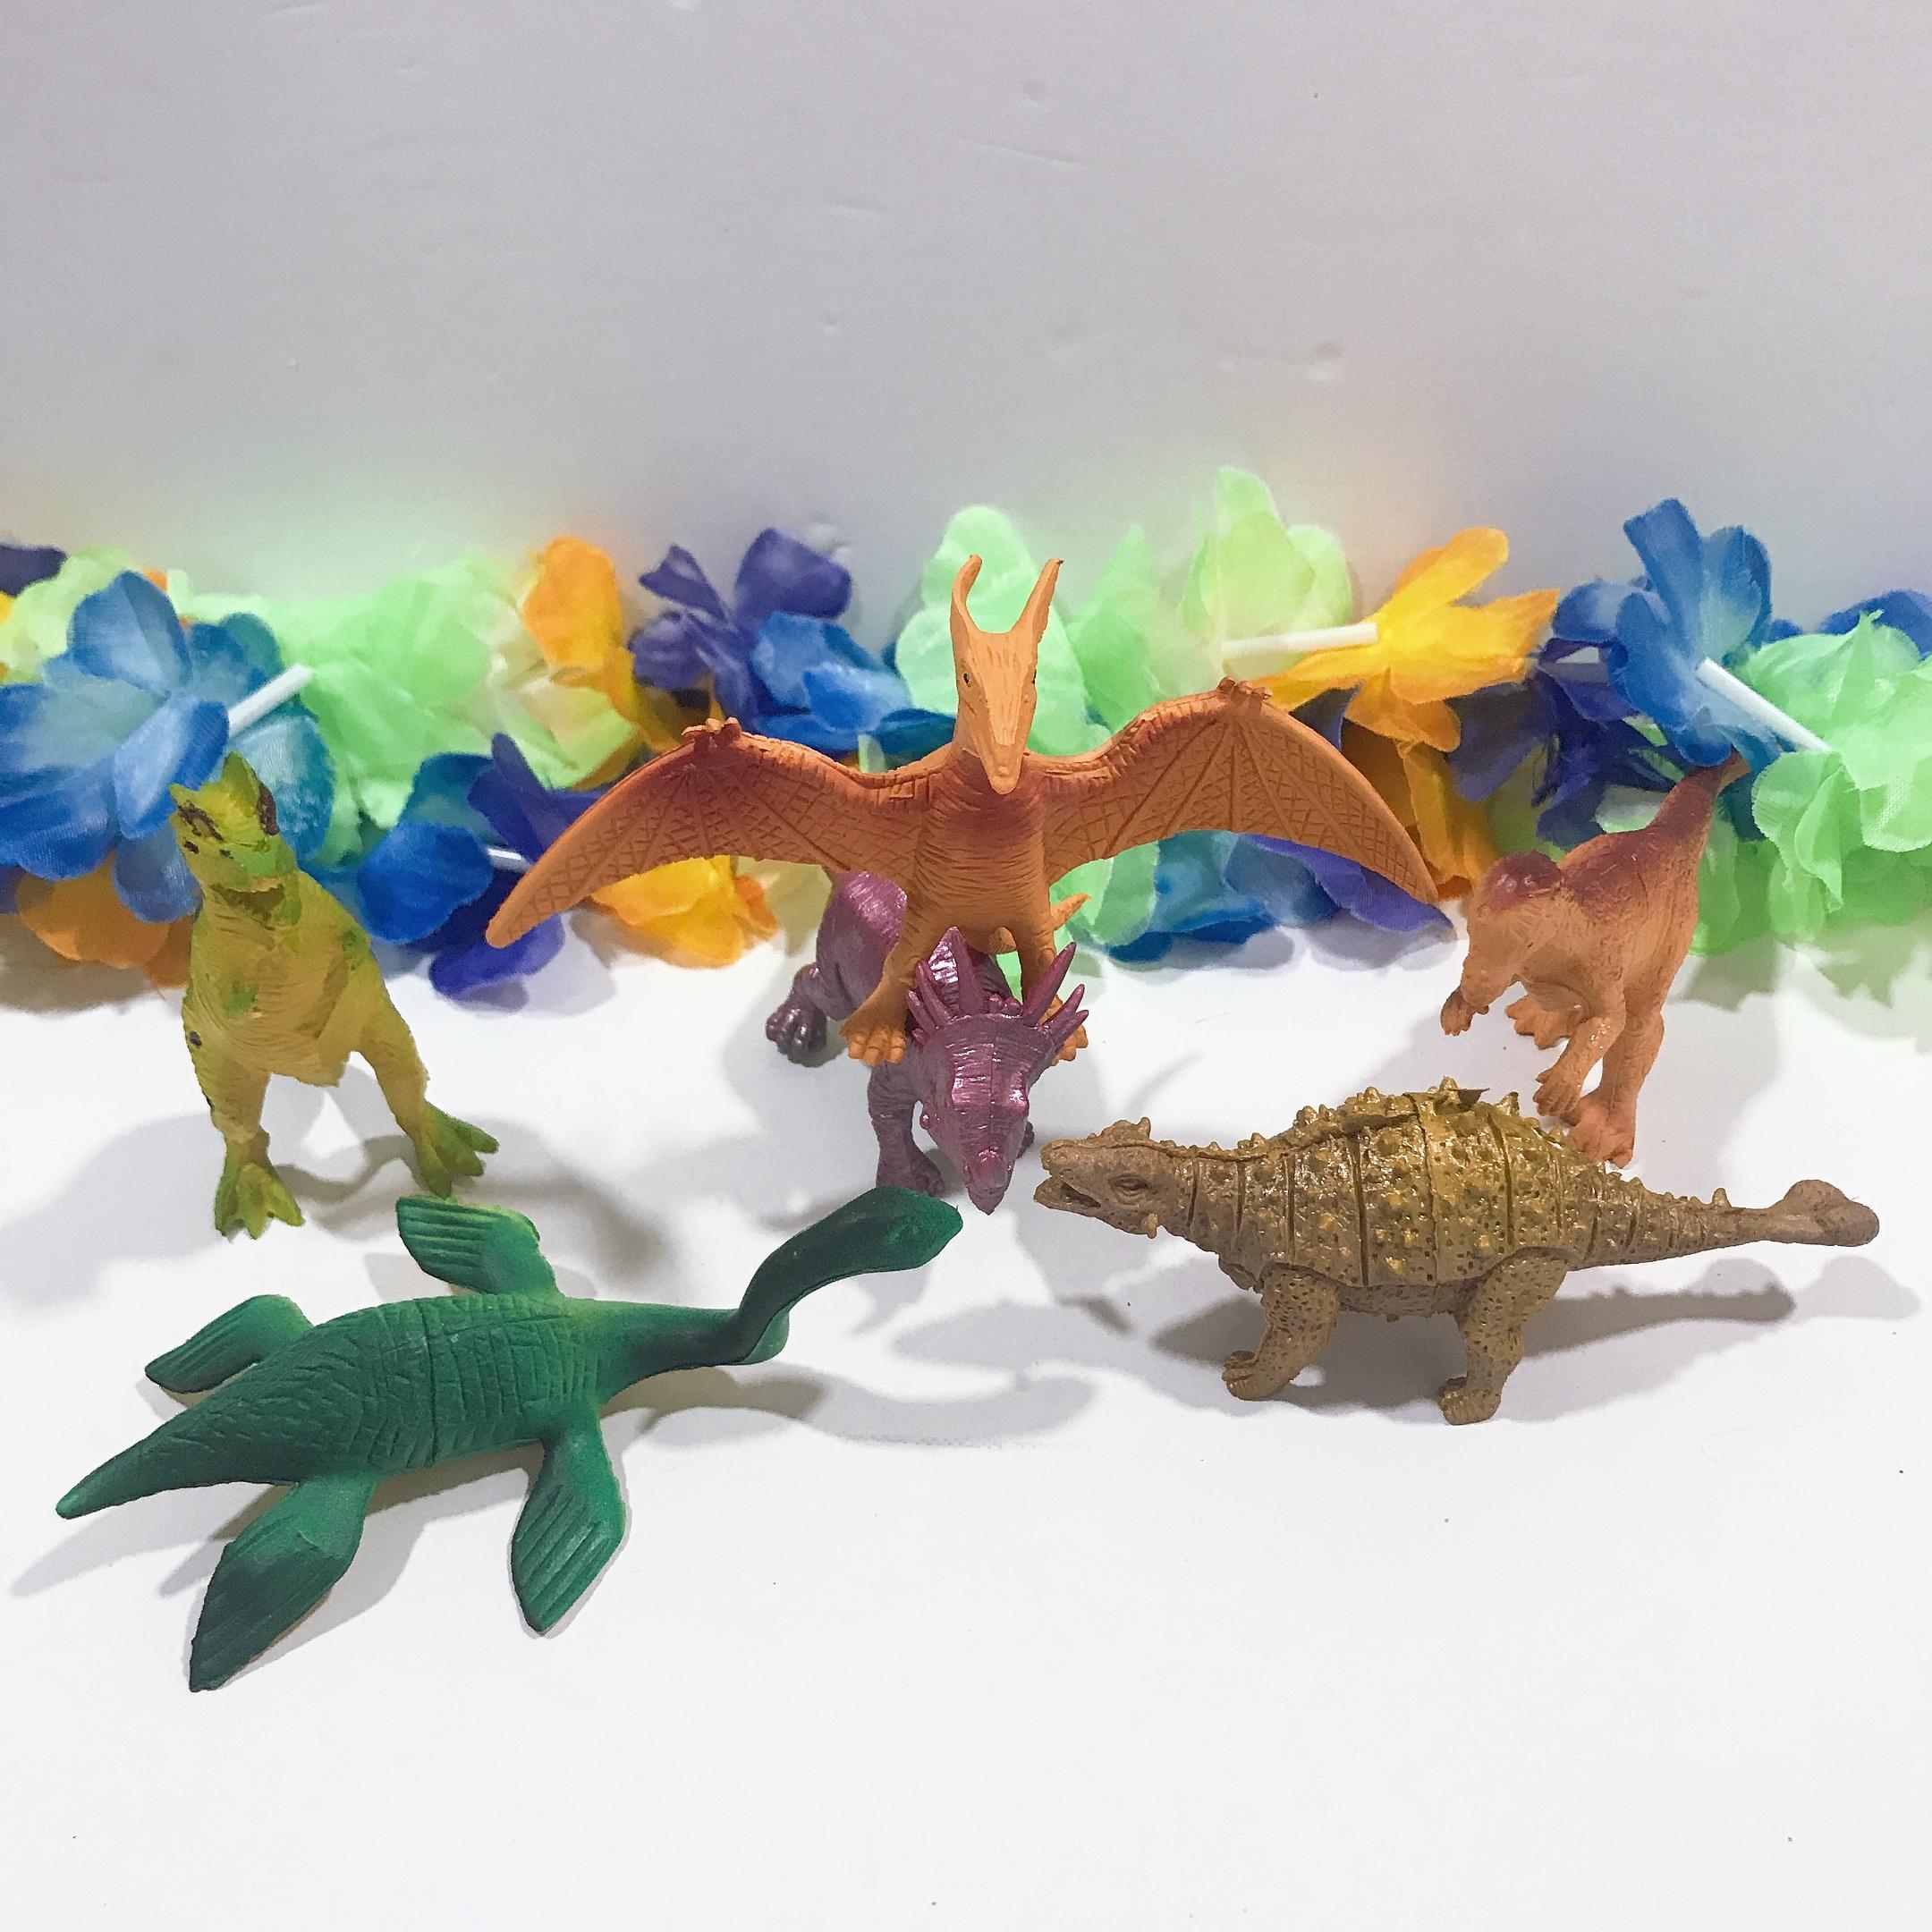 Đồ chơi mô hình 6 khủng long bạo chúa UBL TF0273 10 cm Nhật Bản